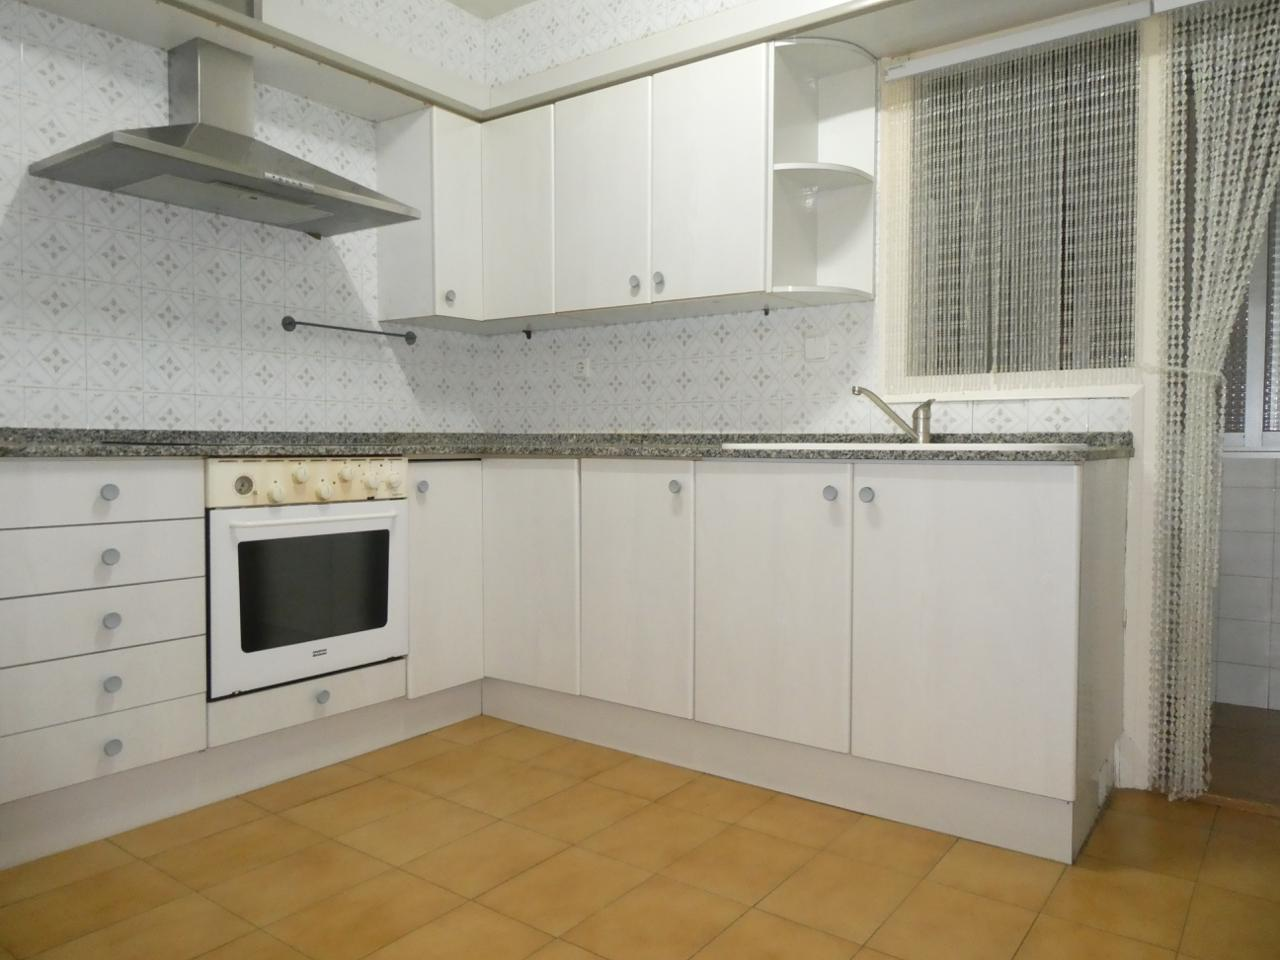 piso en montmelo · carrer-lluis-companys-08160 189000€